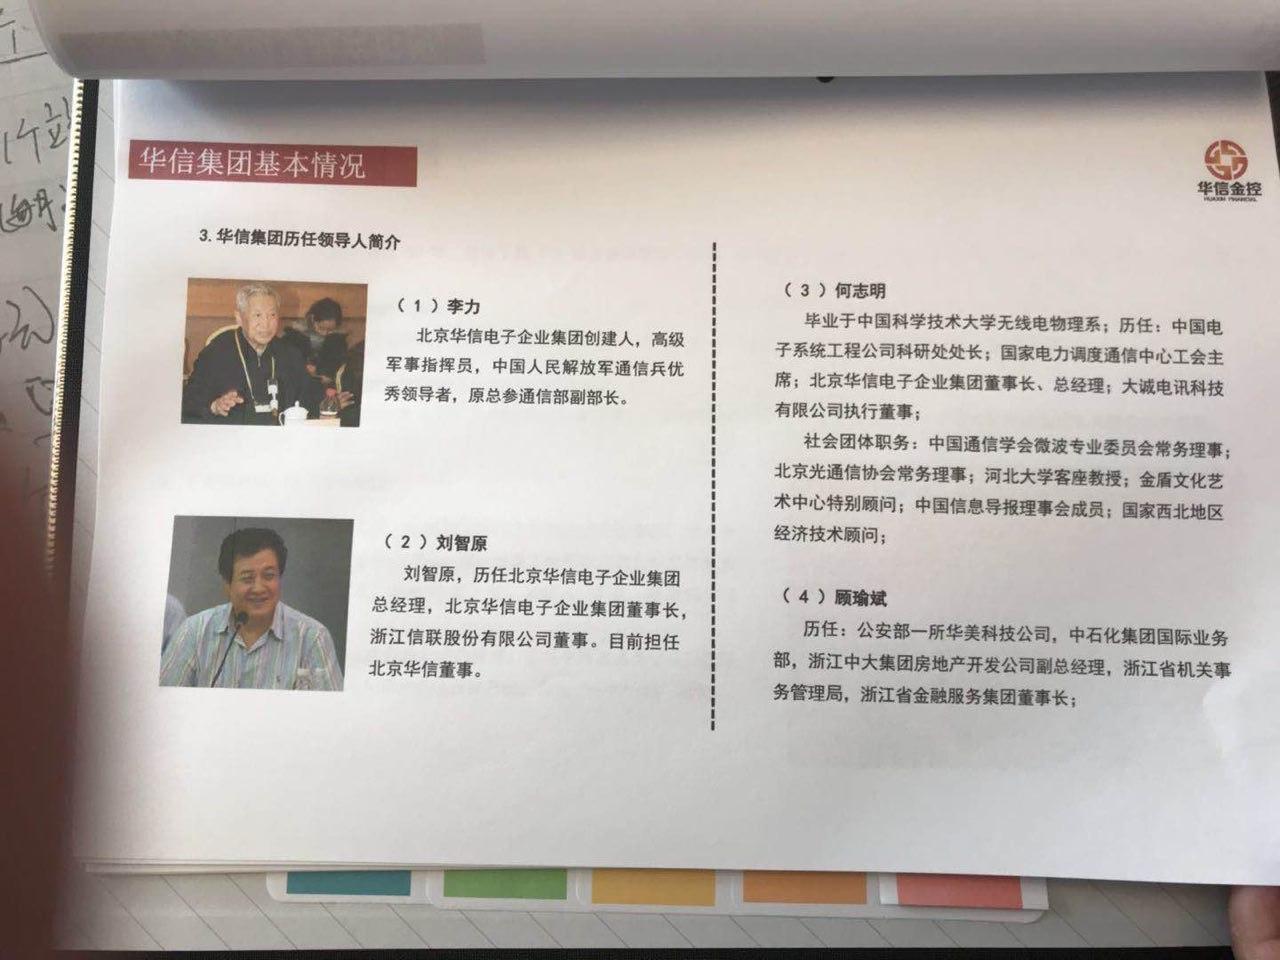 李鵬女兒李小琳的丈夫劉智原是前華信集團的董事長,現任北京華信董事。(受訪者提供)